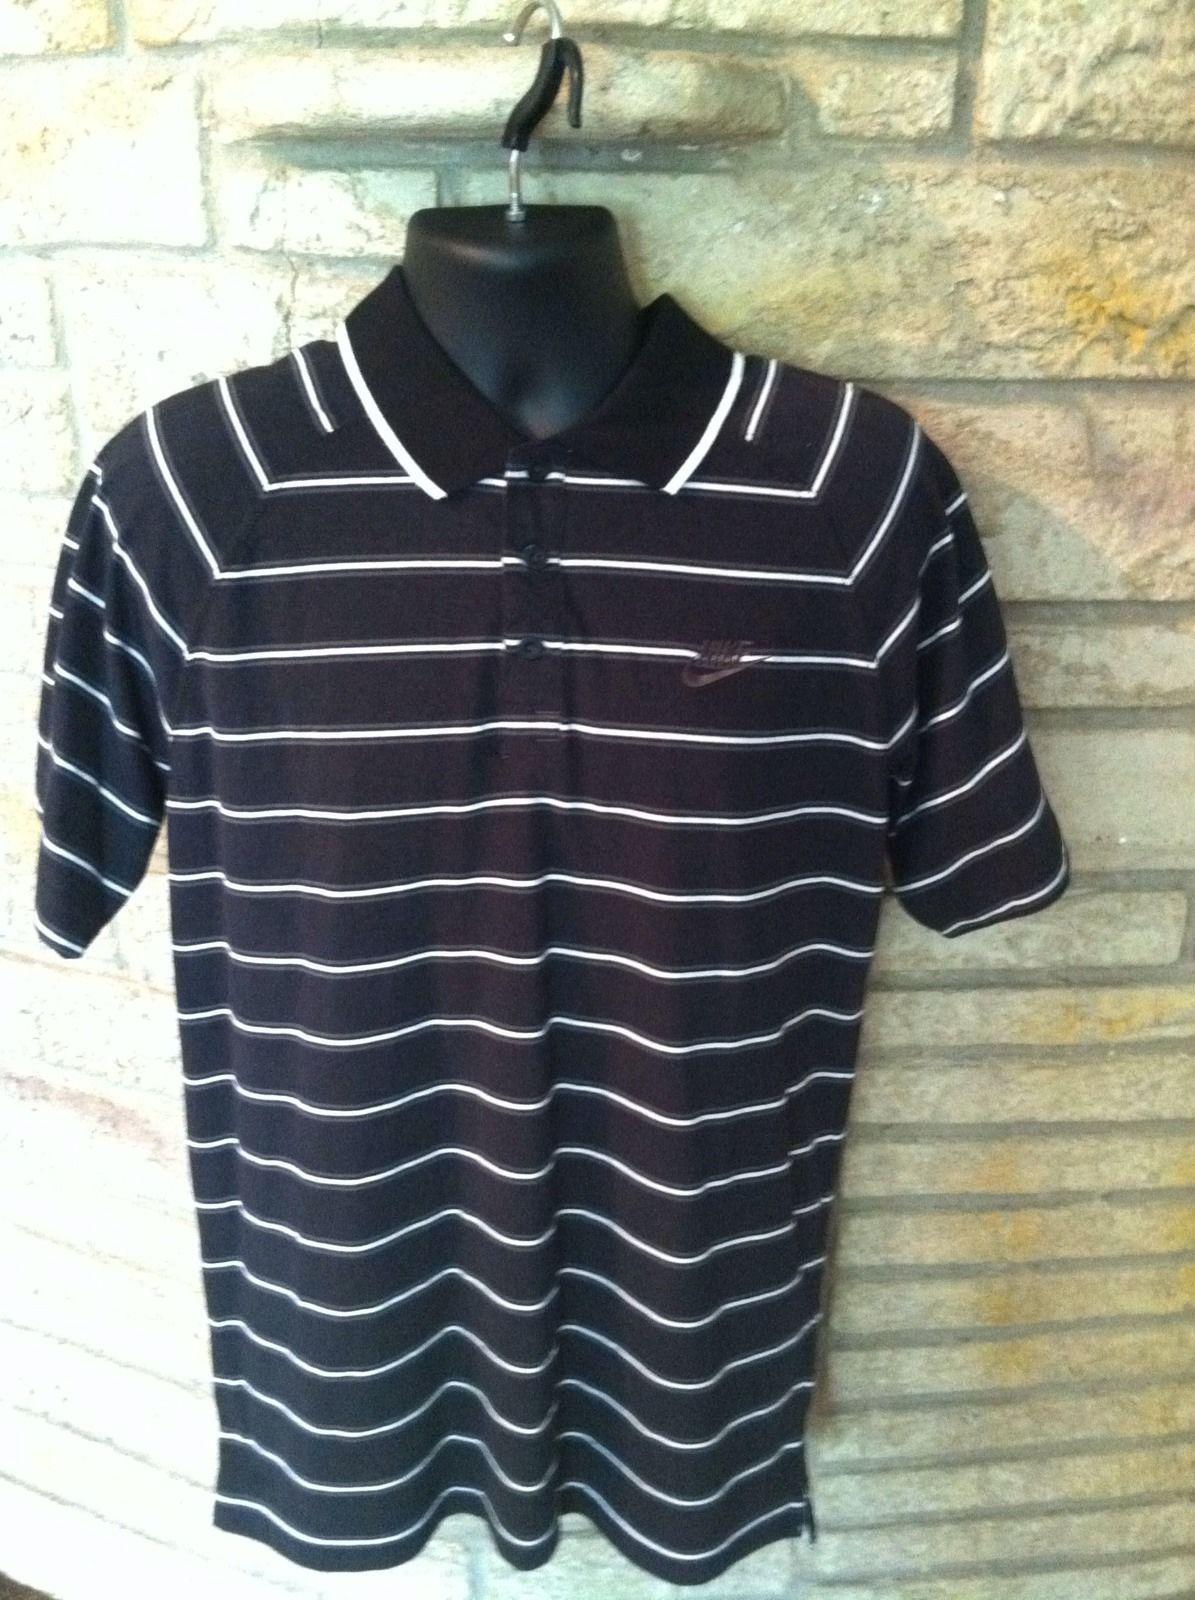 e6ea5145 S l1600. S l1600. Previous. Men's NIKE Golf Fit Dry Short Sleeve Polo Shirt  size Large EUC. Black W/